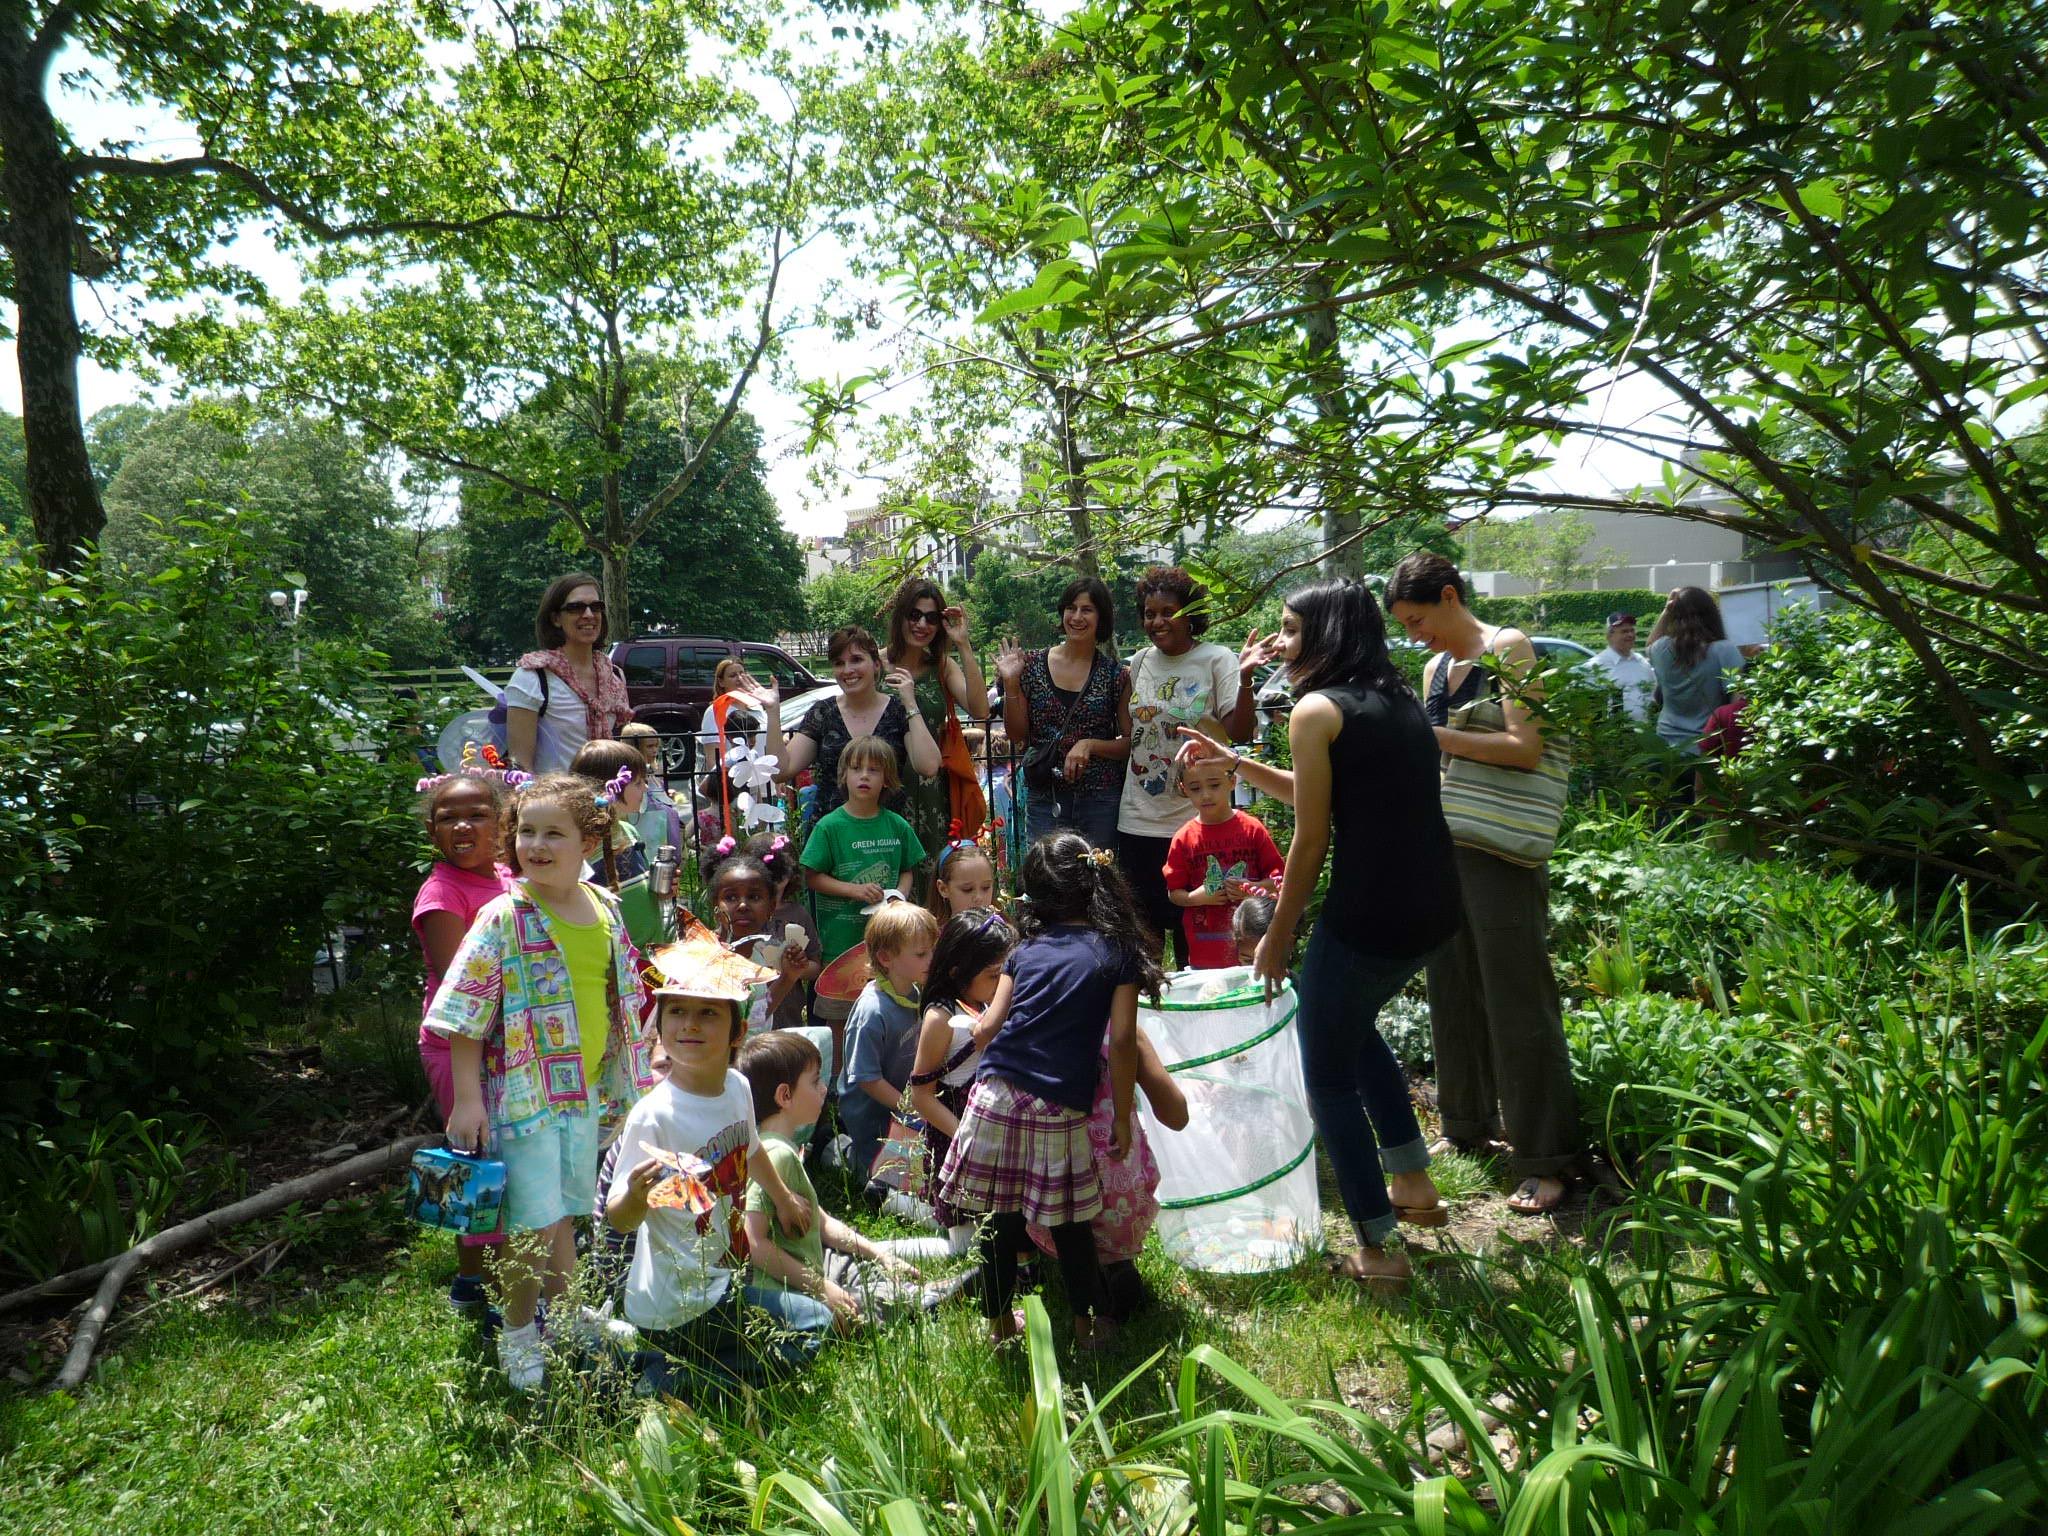 BG-Children-gathering-14.jpg